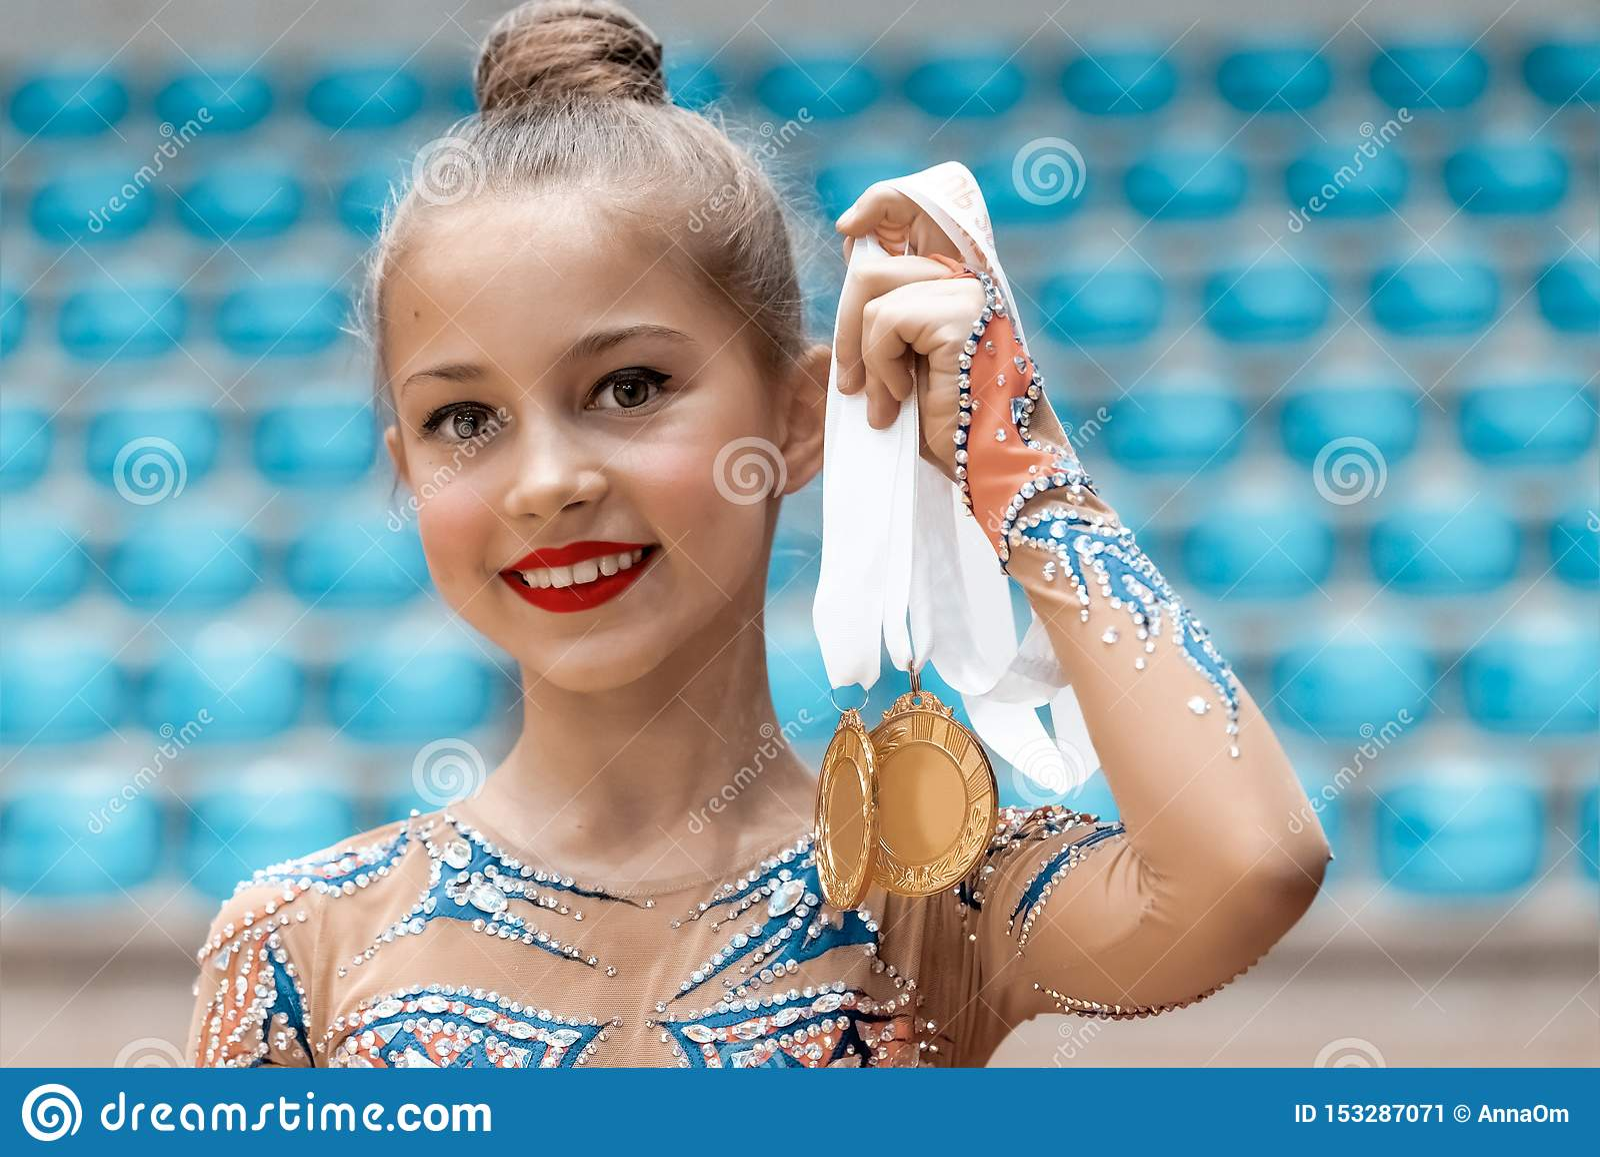 Ευτυχής gymnast έλαβε ένα χρυσό μετάλλιο